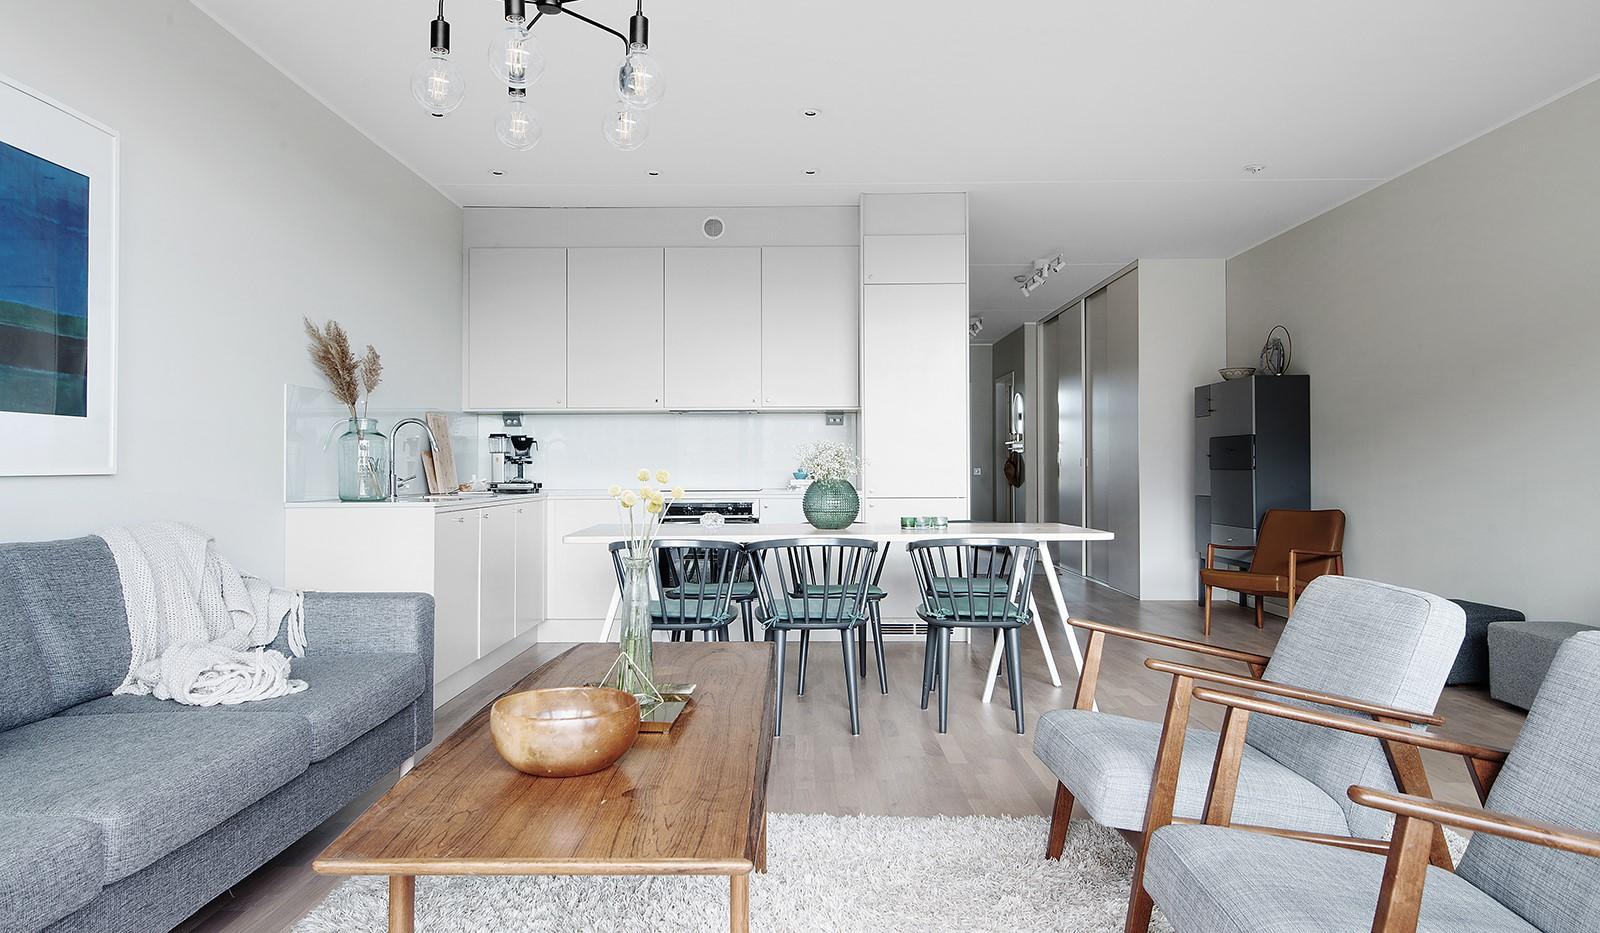 Liljeholmsvägen 12, 6tr - Stort renoverat kök med bra arbetsytor och förvaring